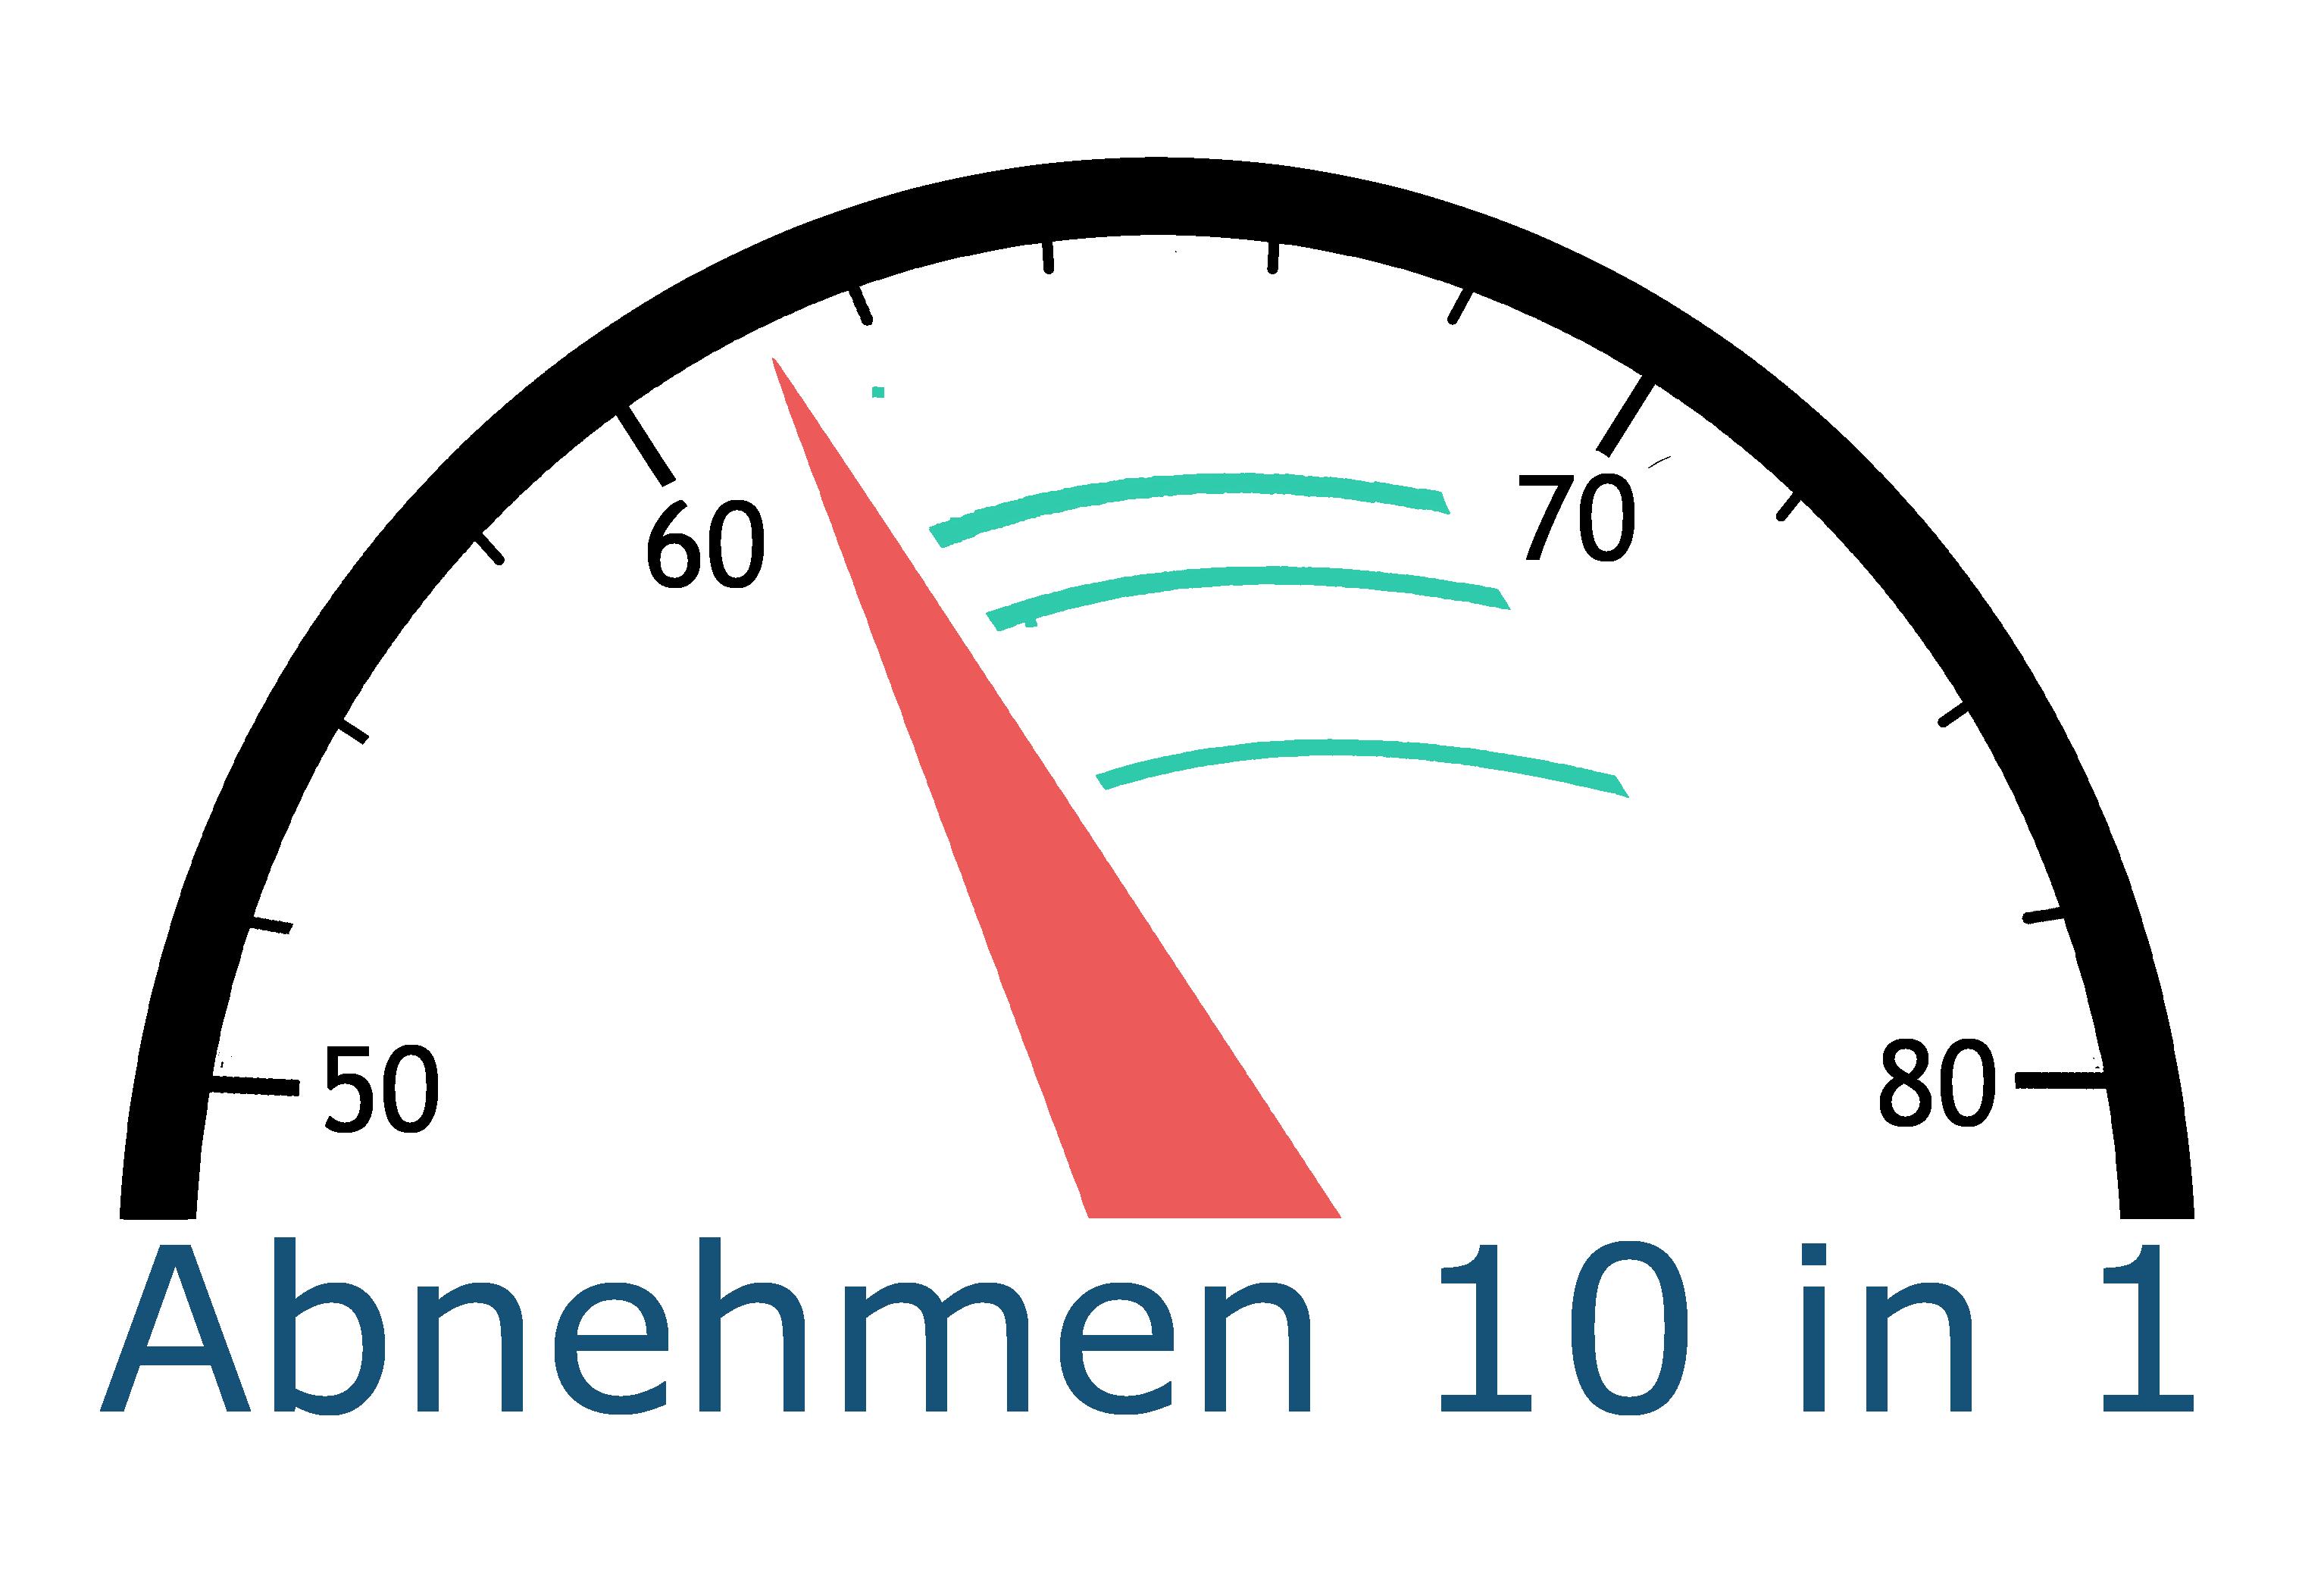 Abnehmen 10 in 1 Logo